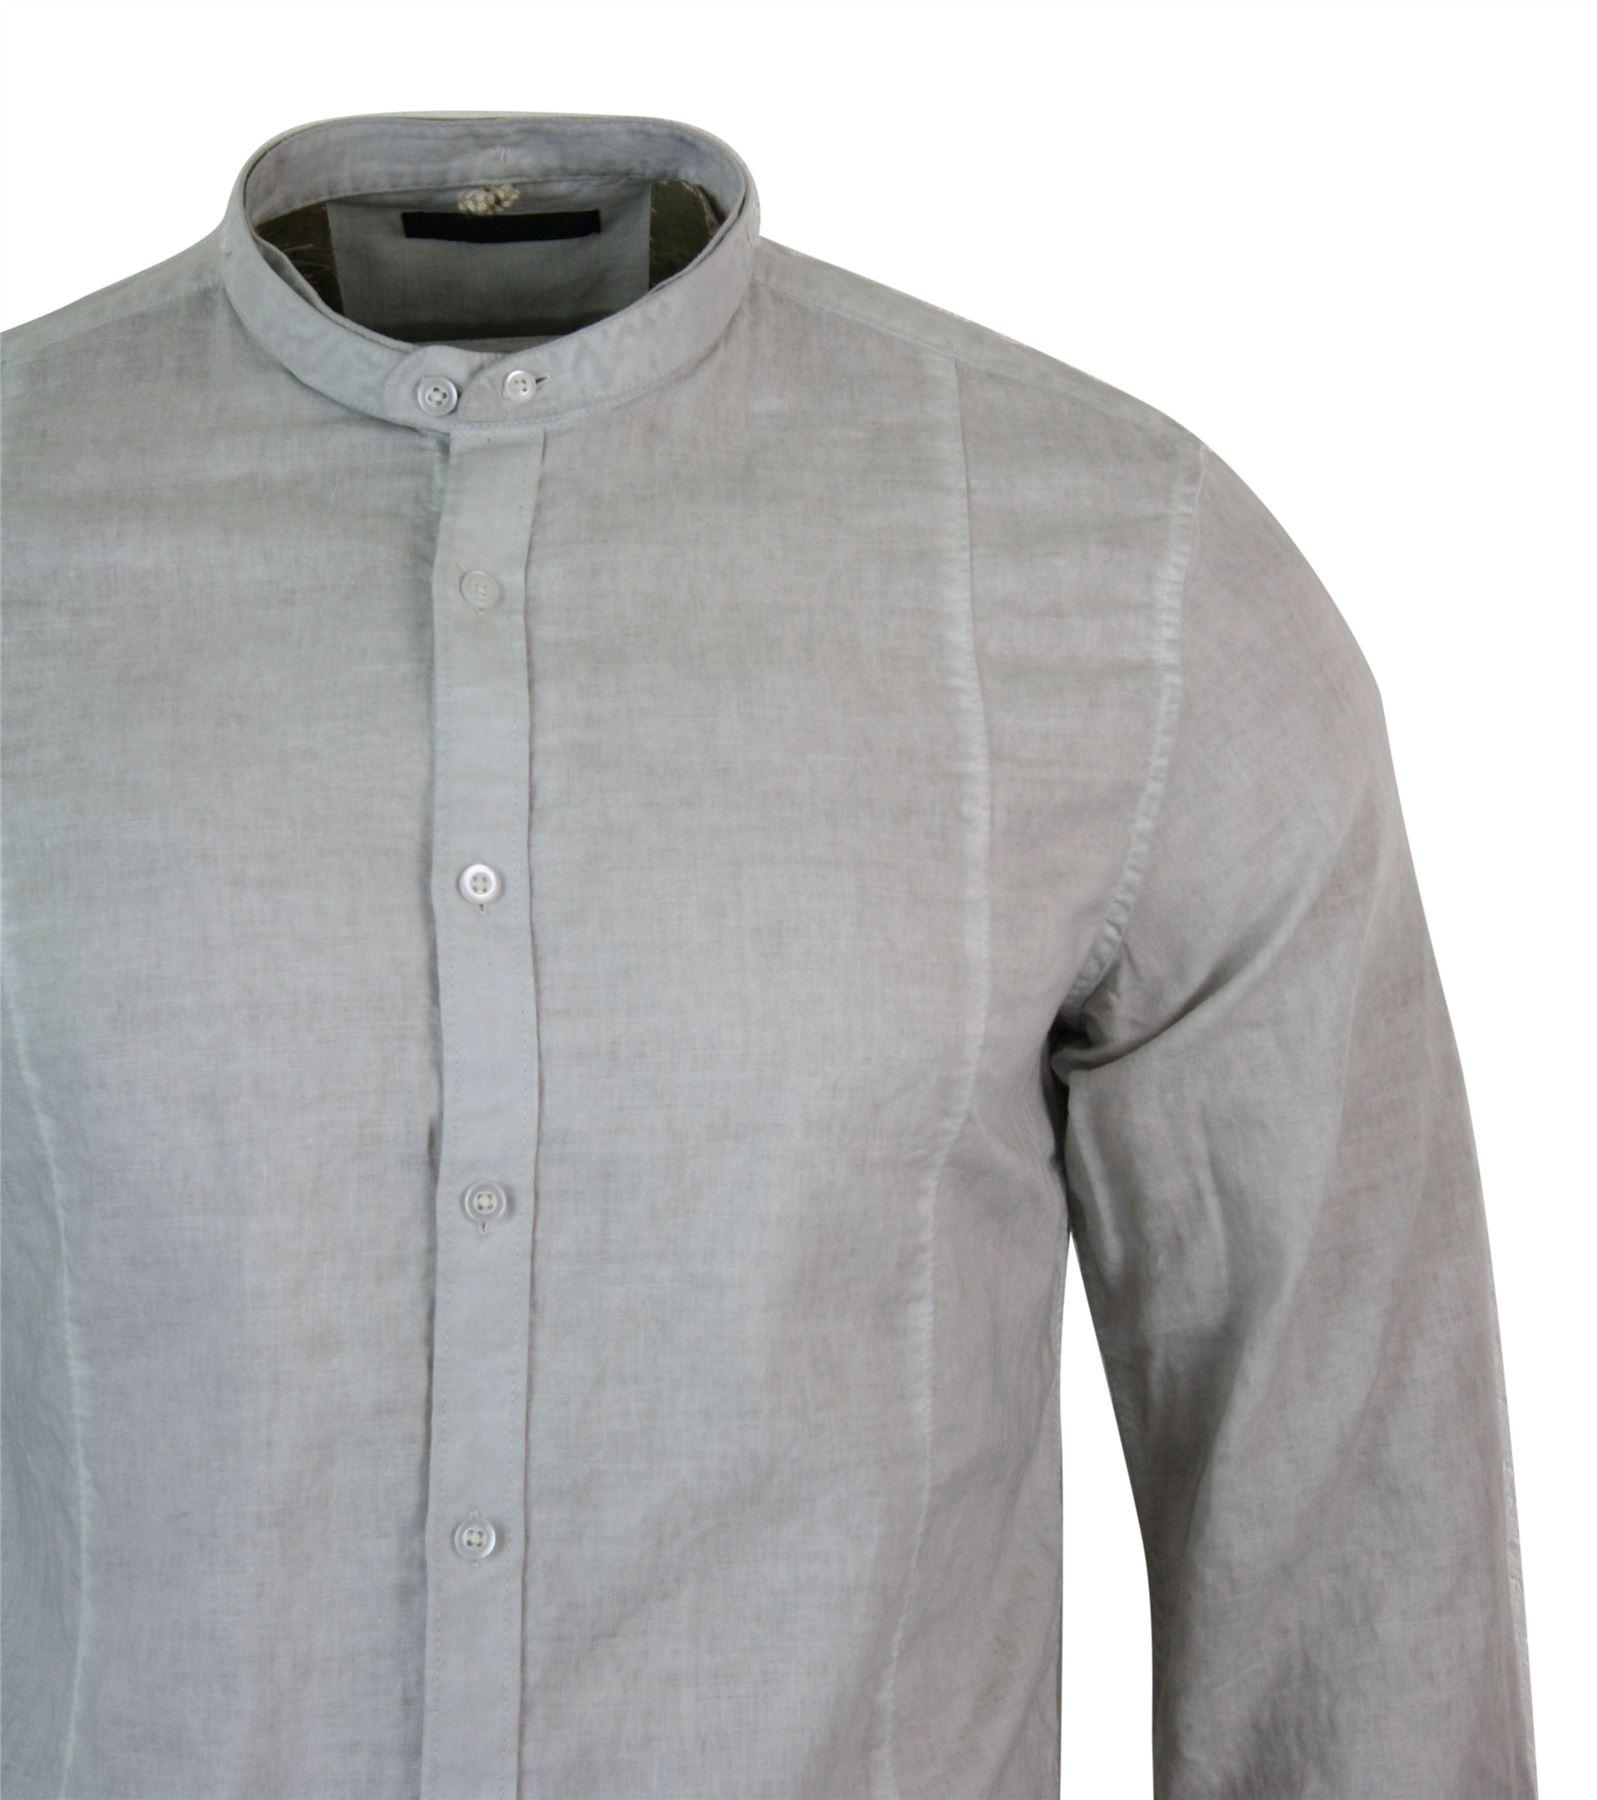 Mens Cotton Linen Grandad Nehru Collar Button Shirt Slim Fit Light